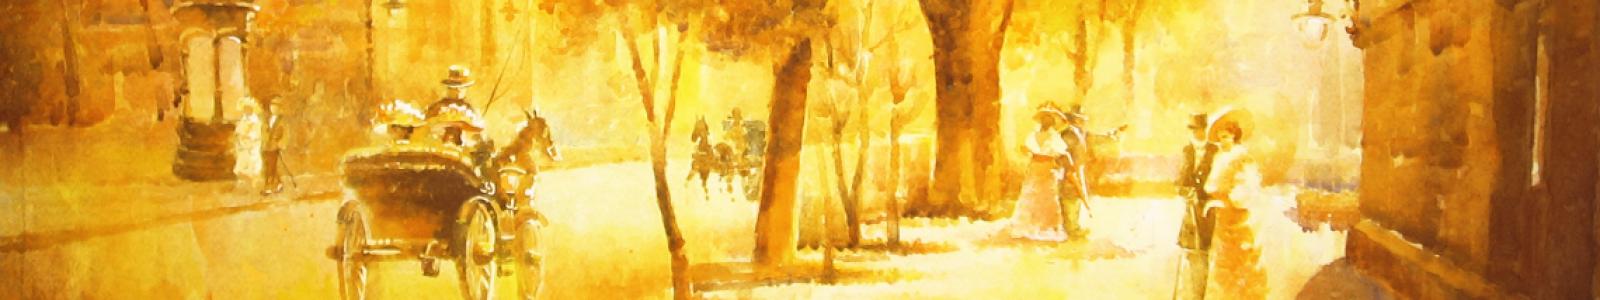 Gallery Painter Oleksii Maslov